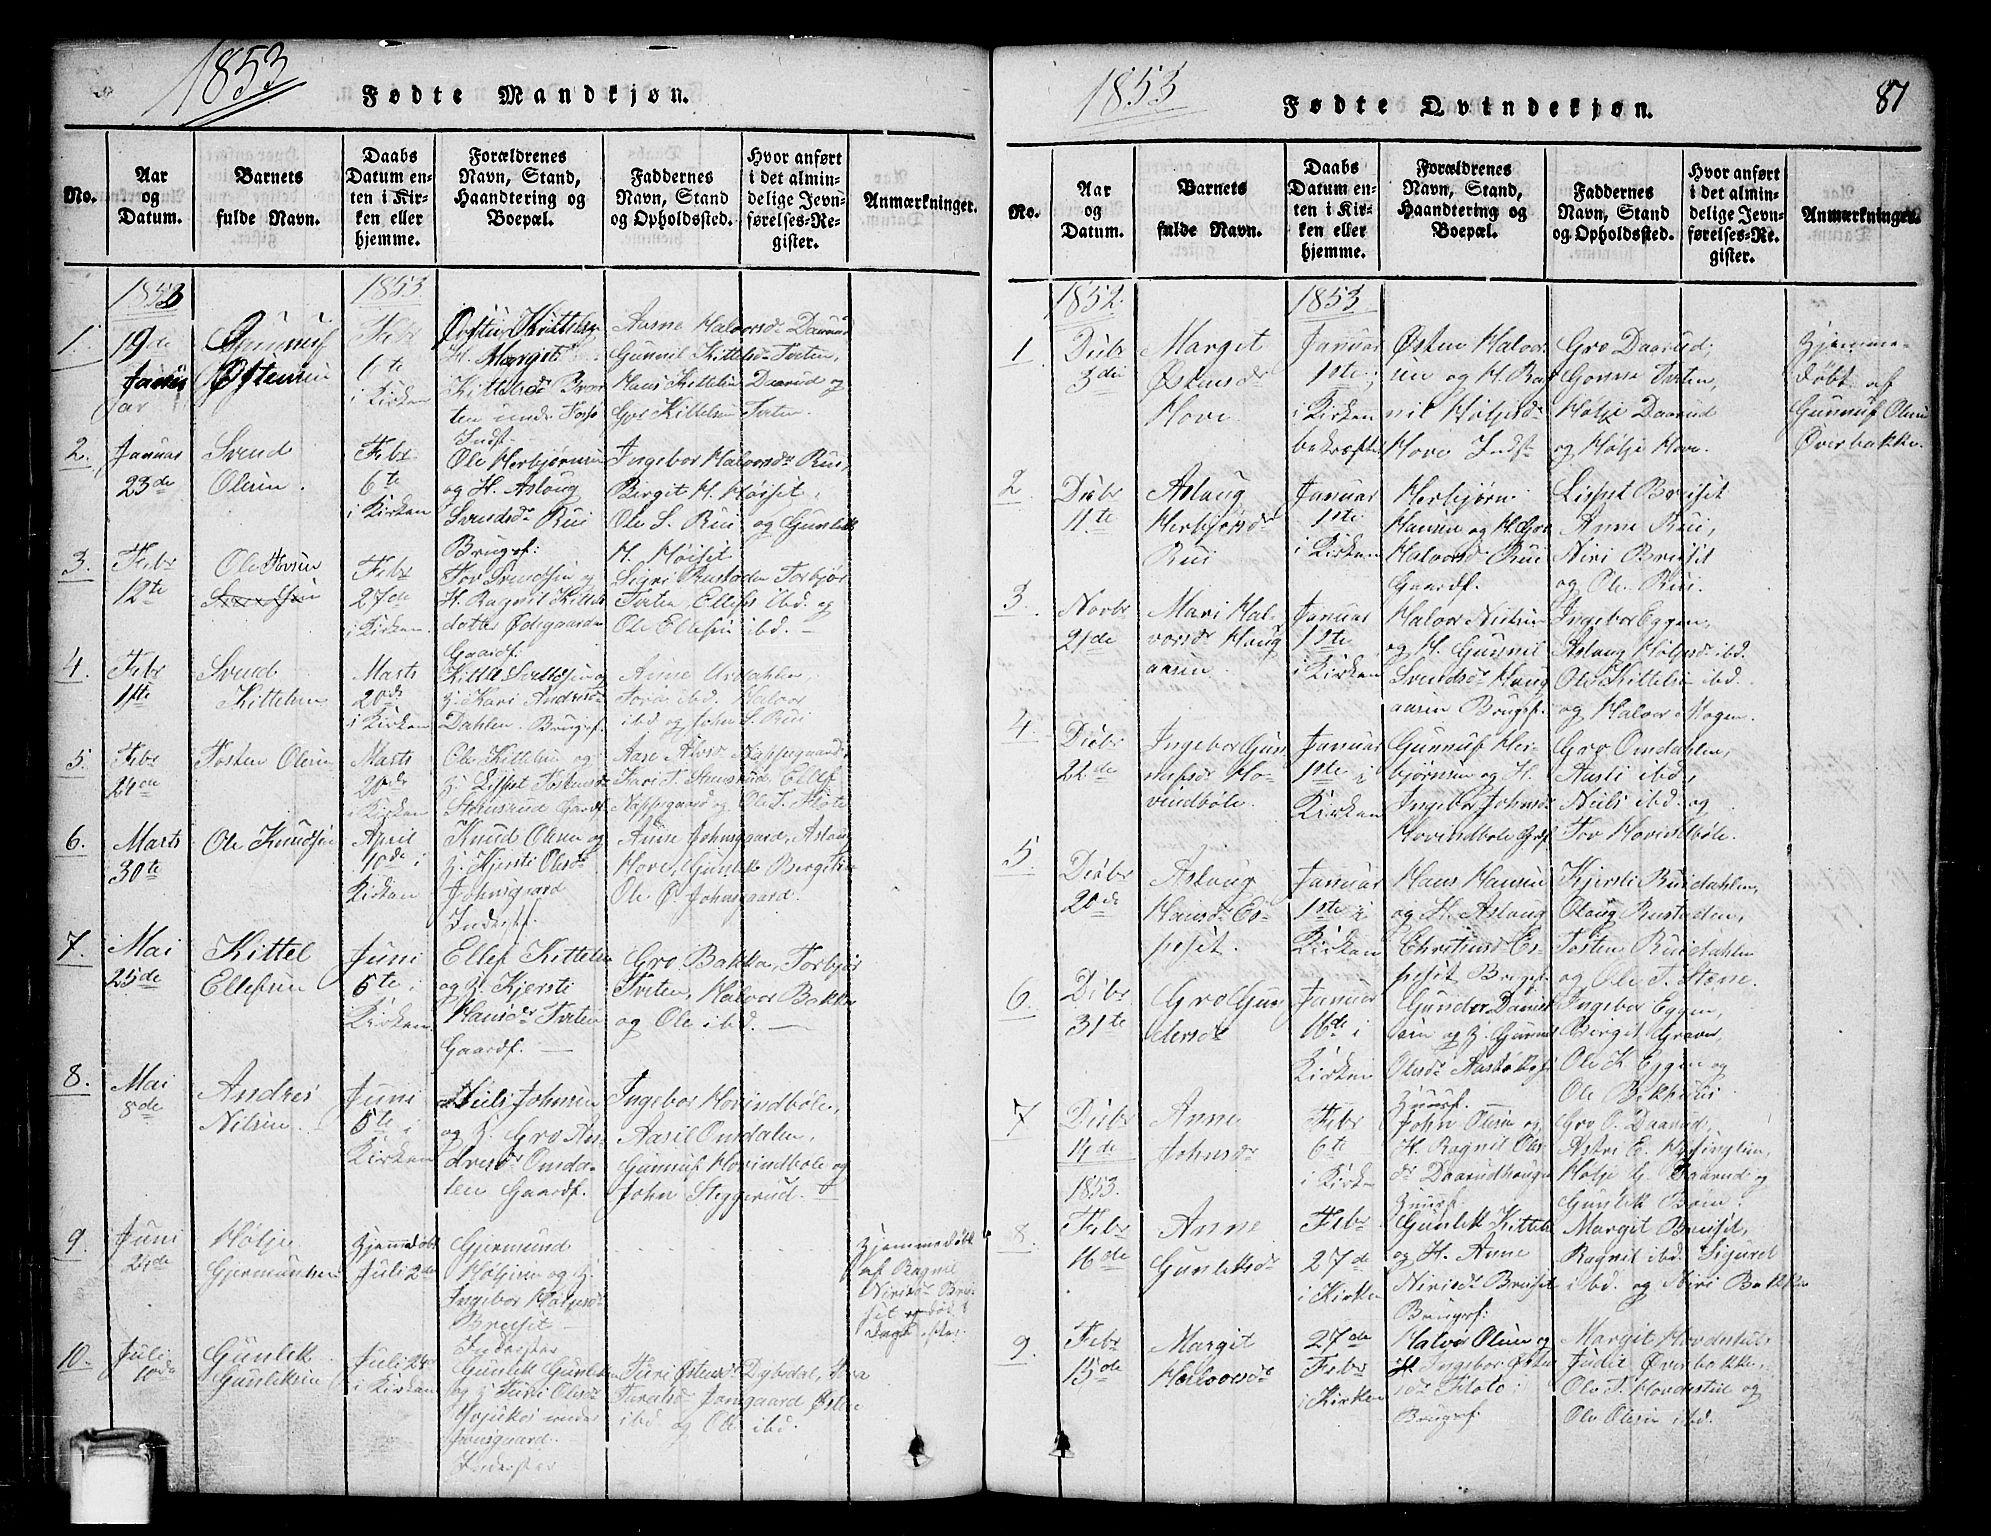 SAKO, Gransherad kirkebøker, G/Gb/L0001: Klokkerbok nr. II 1, 1815-1860, s. 81